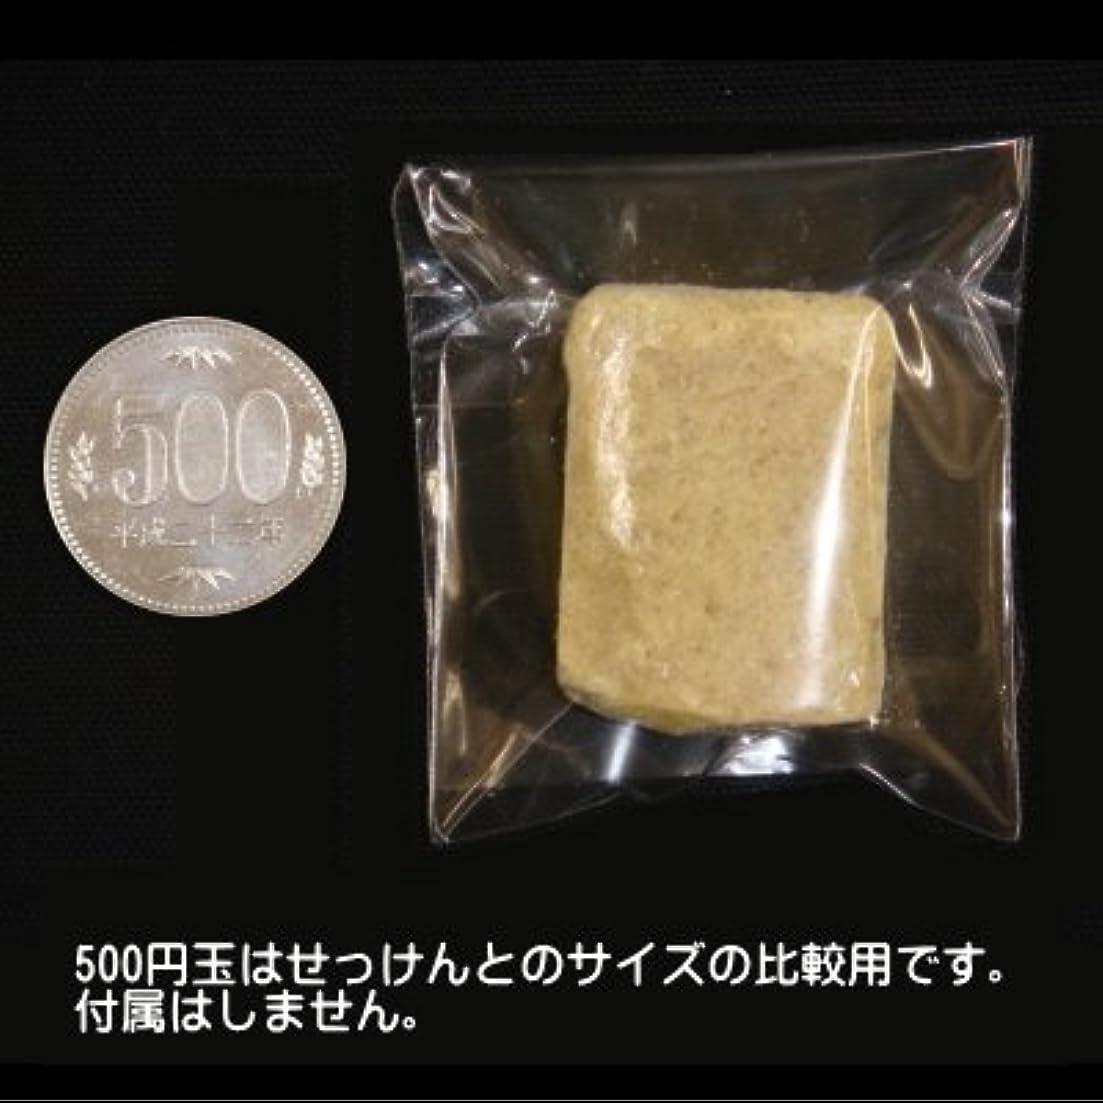 ウッズ払い戻し作る緑茶ノニ石鹸 てづくり野にせっけんお試し用12g(無添加石鹸)